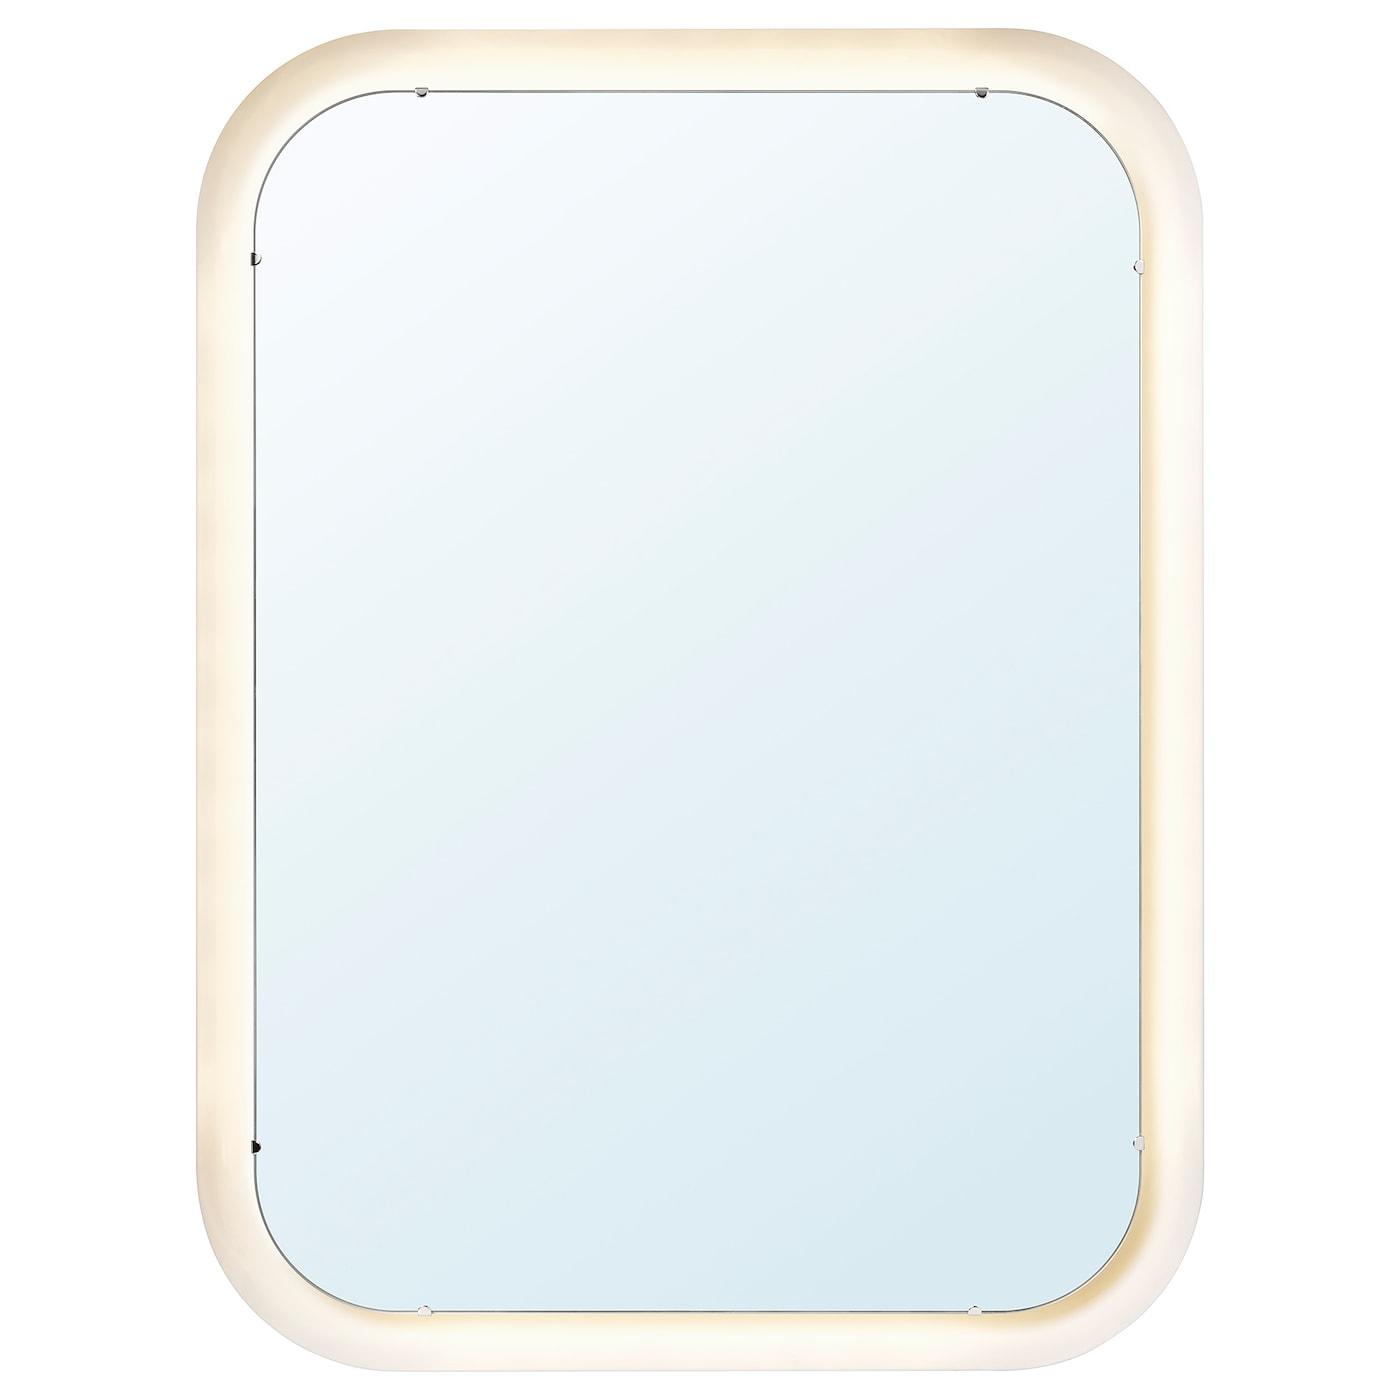 STORJORM Spegel med integrerad belysning vit 80x60 cm